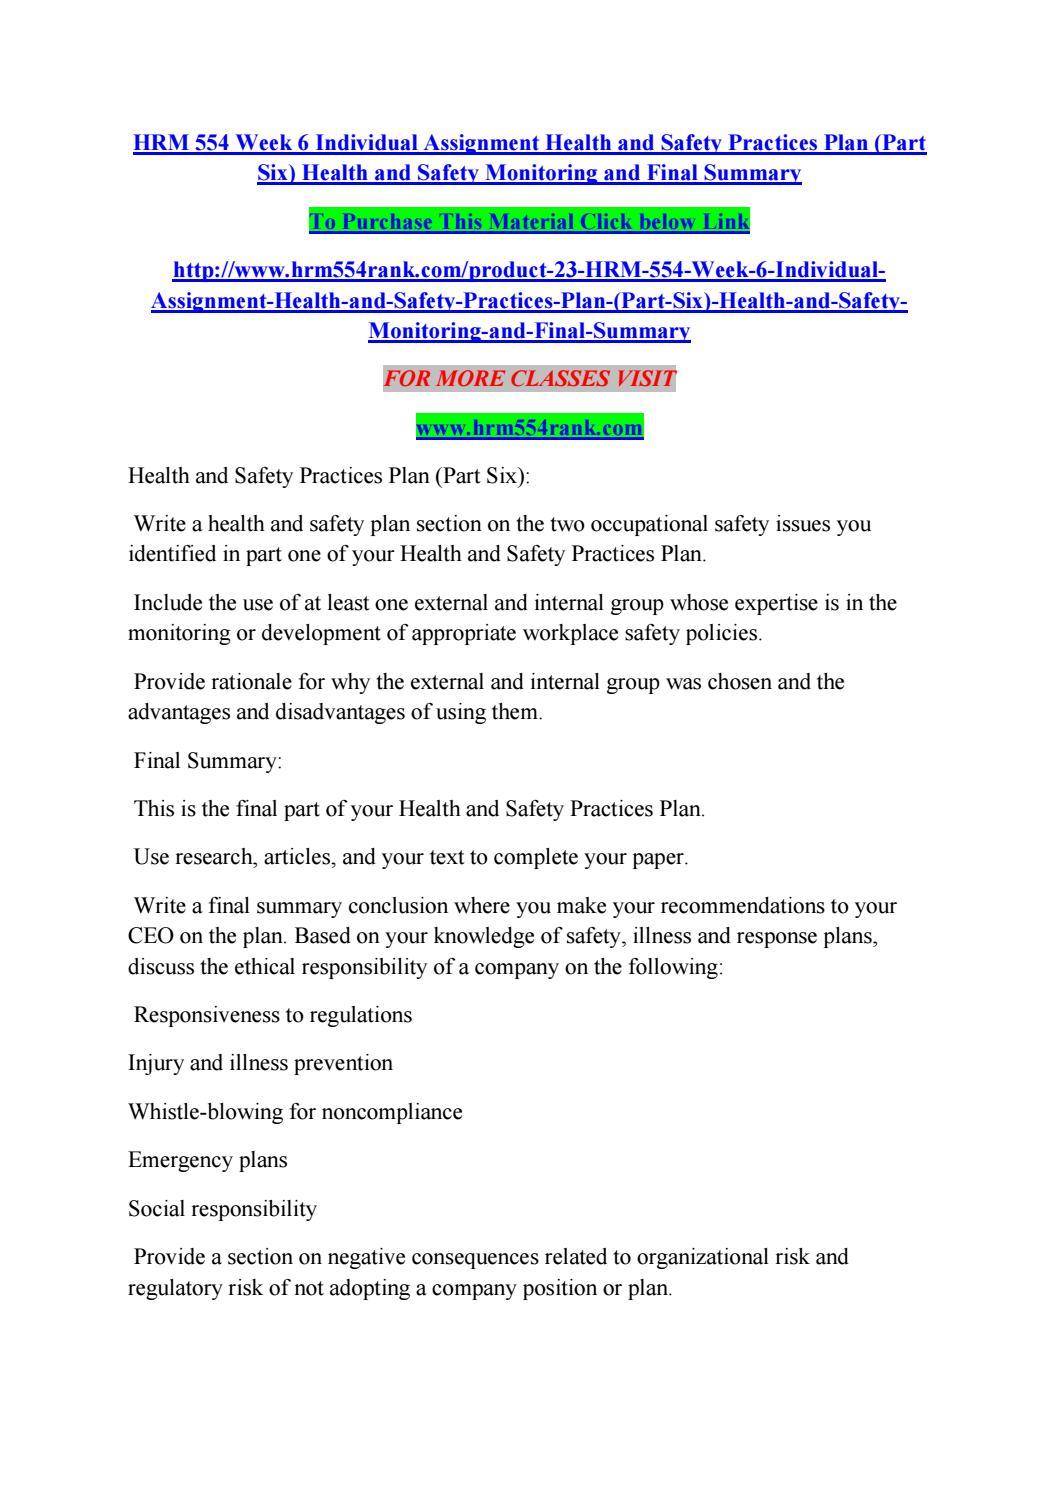 essay application sample plan